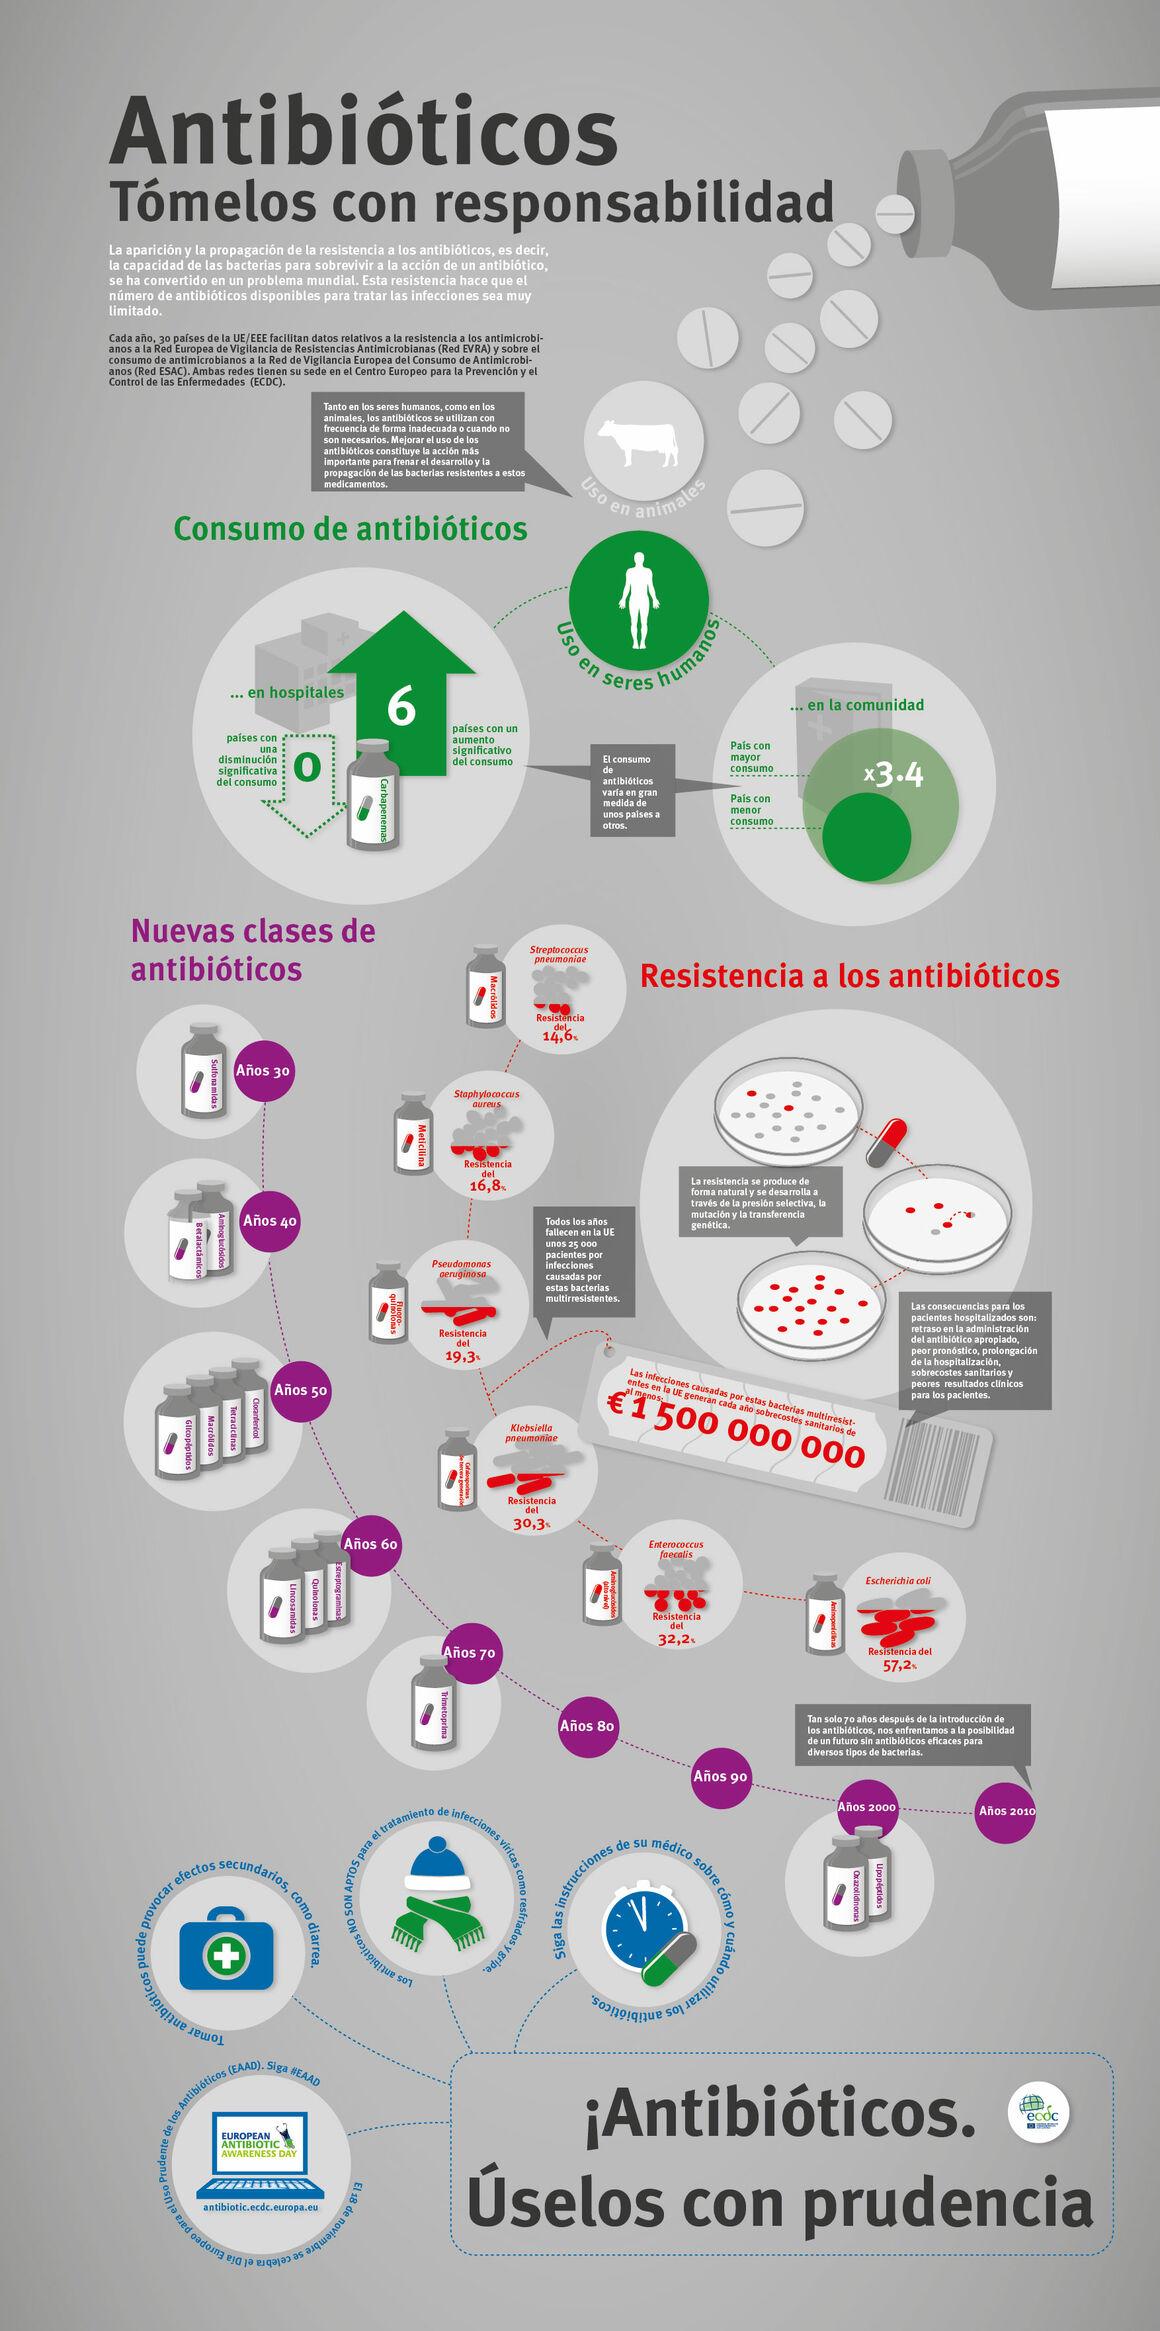 Antibióticos - Tómelos con responsabilidad